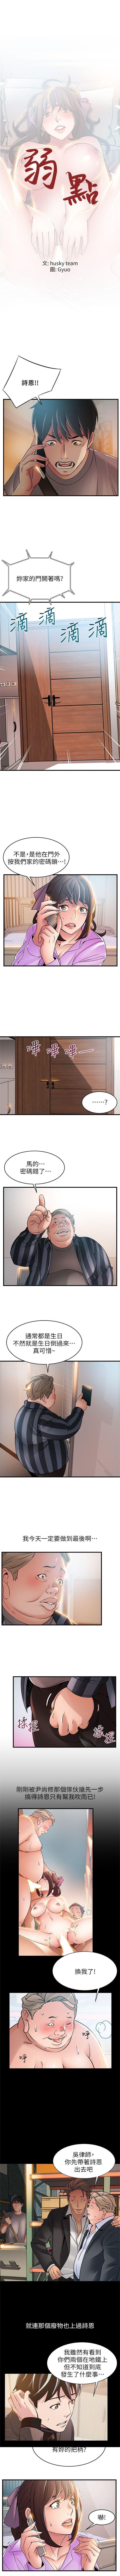 弱点 1-64 中文翻译(更新中) 211